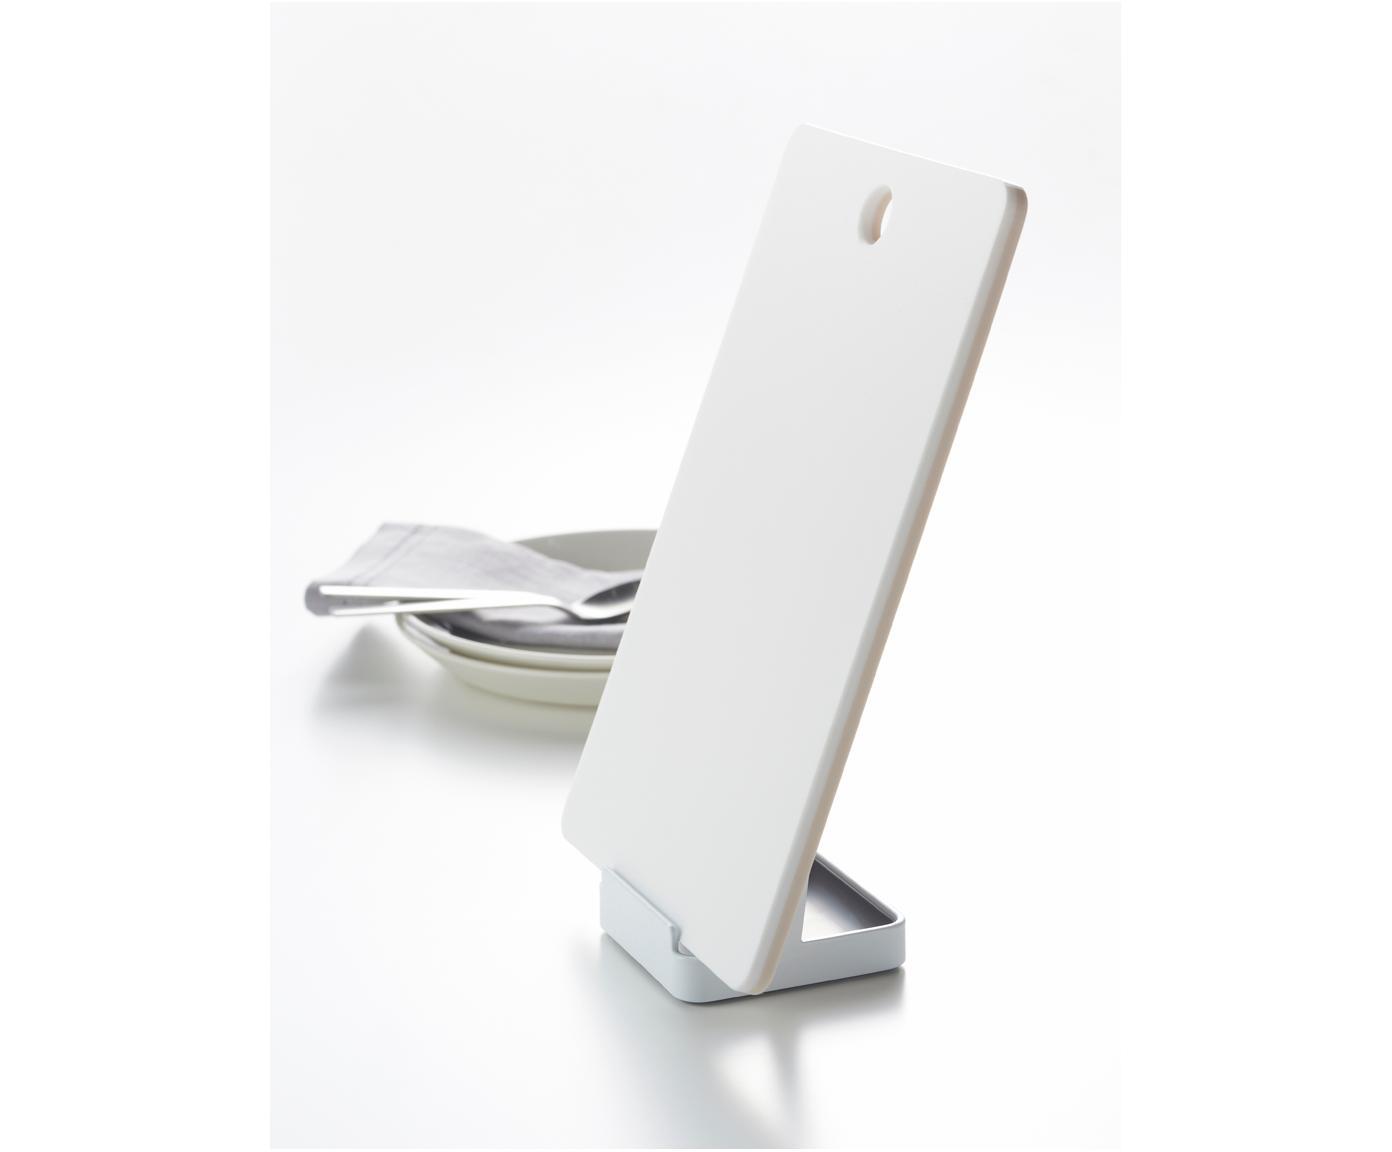 Uchwyt na przybory kuchenne Tosca, Biały, drewno naturalne, S 11 x W 16 cm